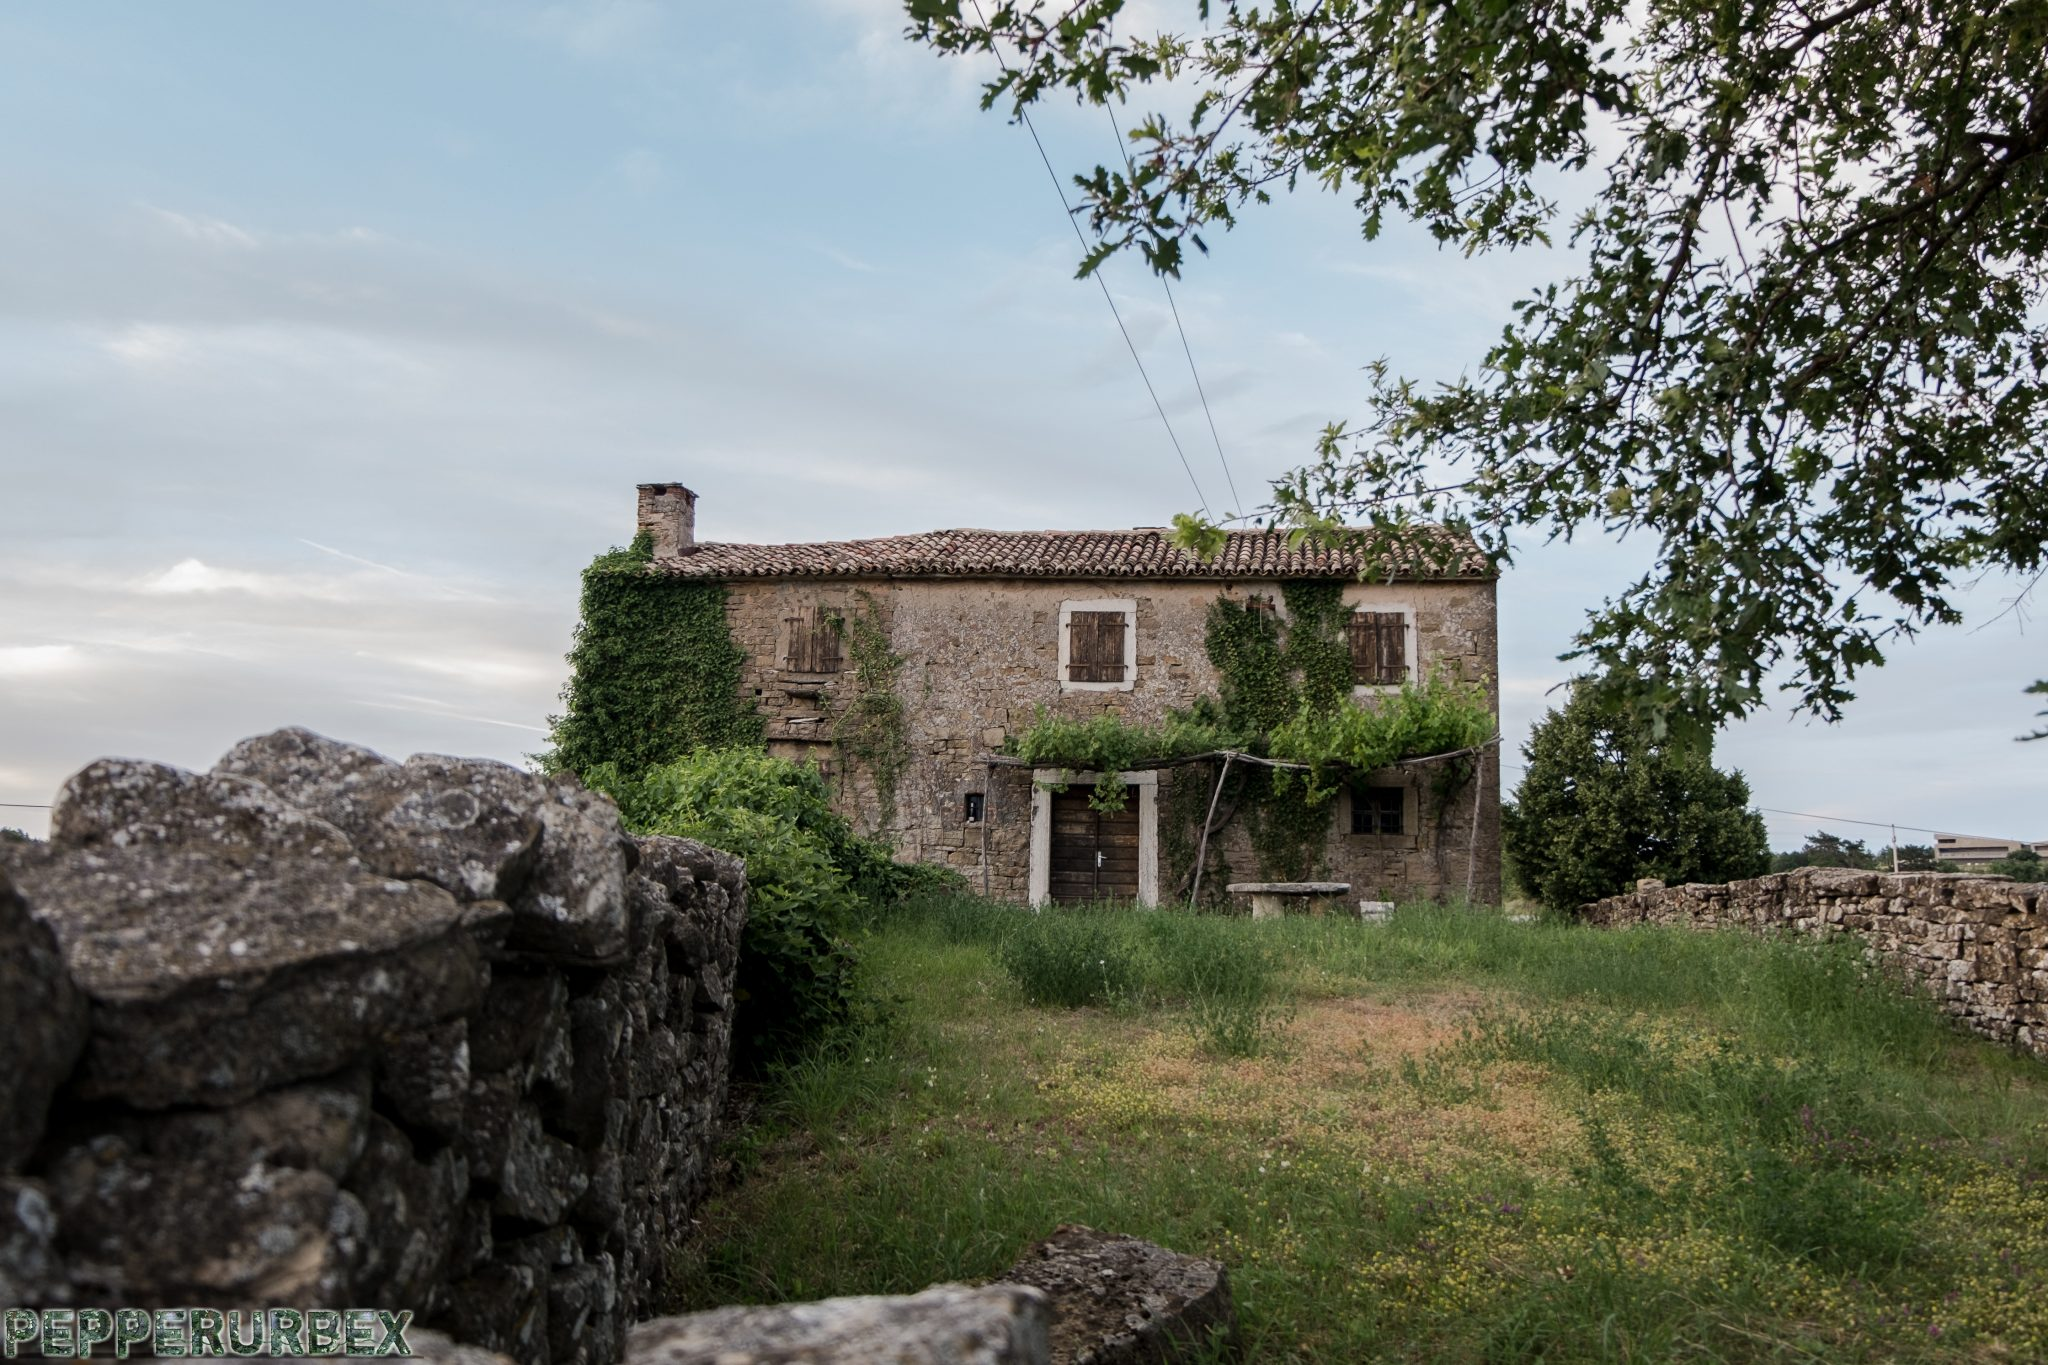 Villa Stonehead 1 van 1